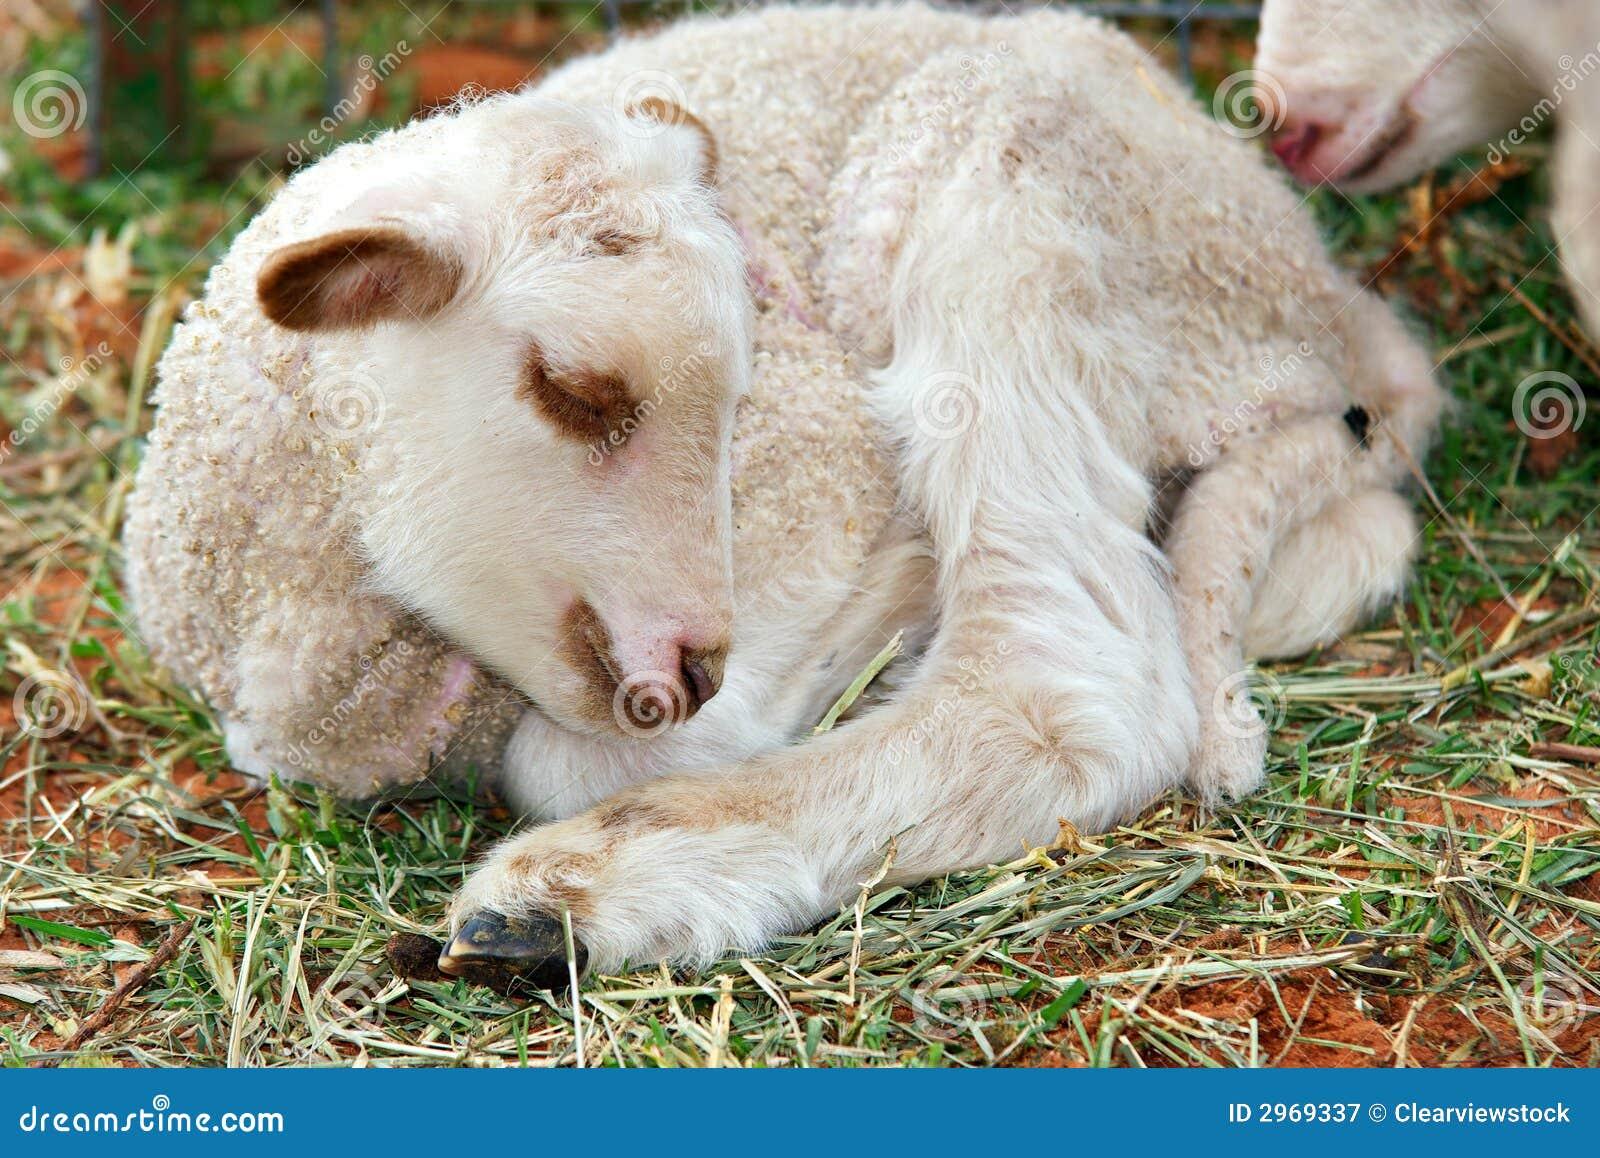 Little Cute Baby Lamb